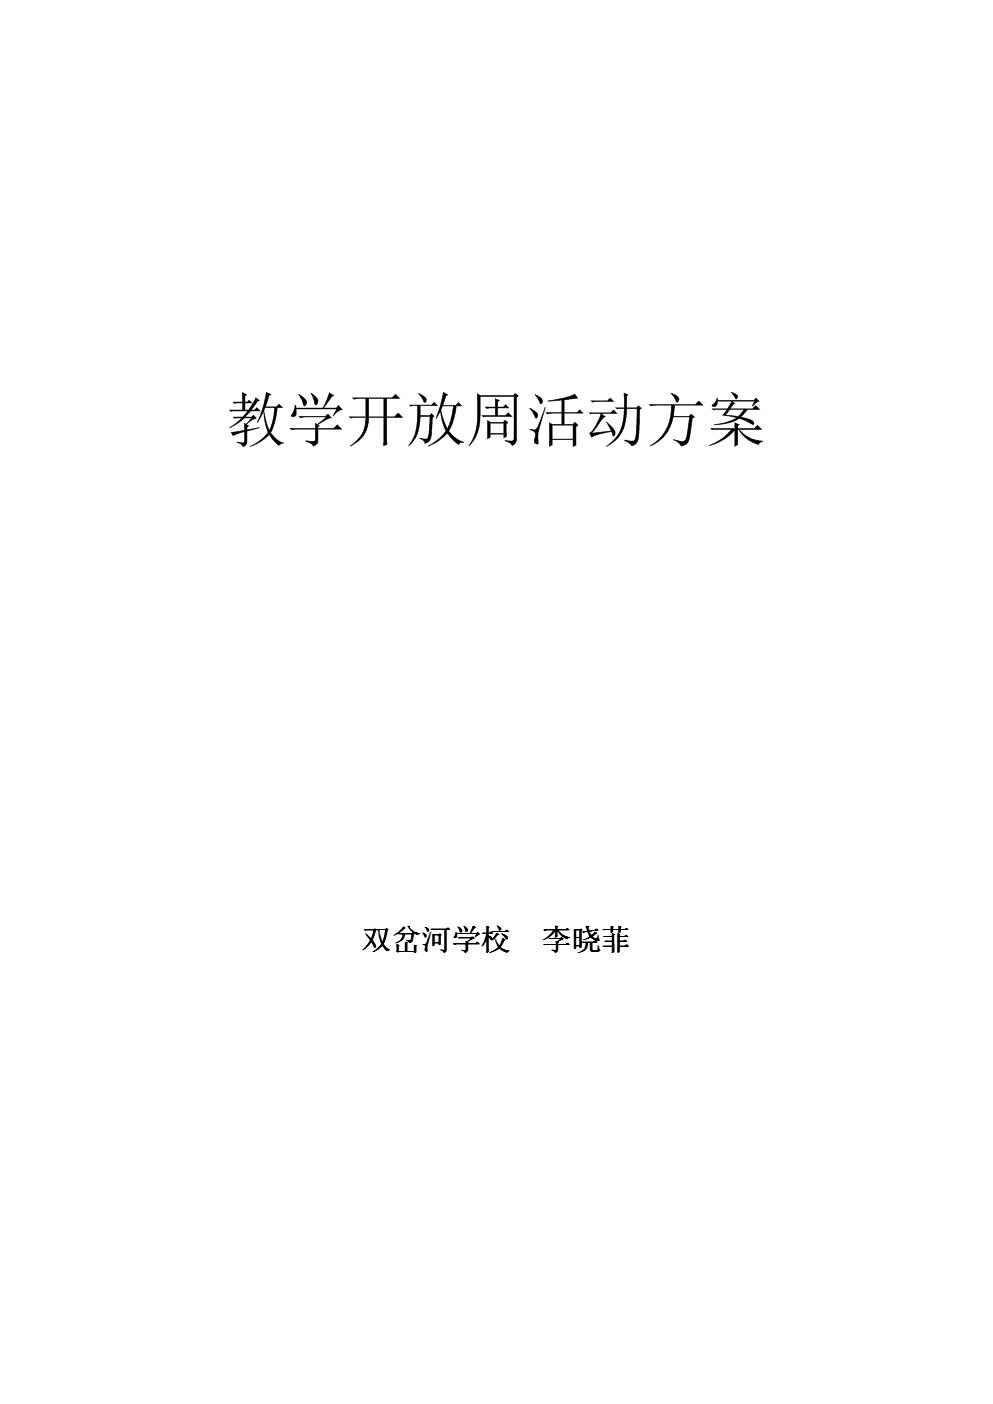 教学开放周活动.doc